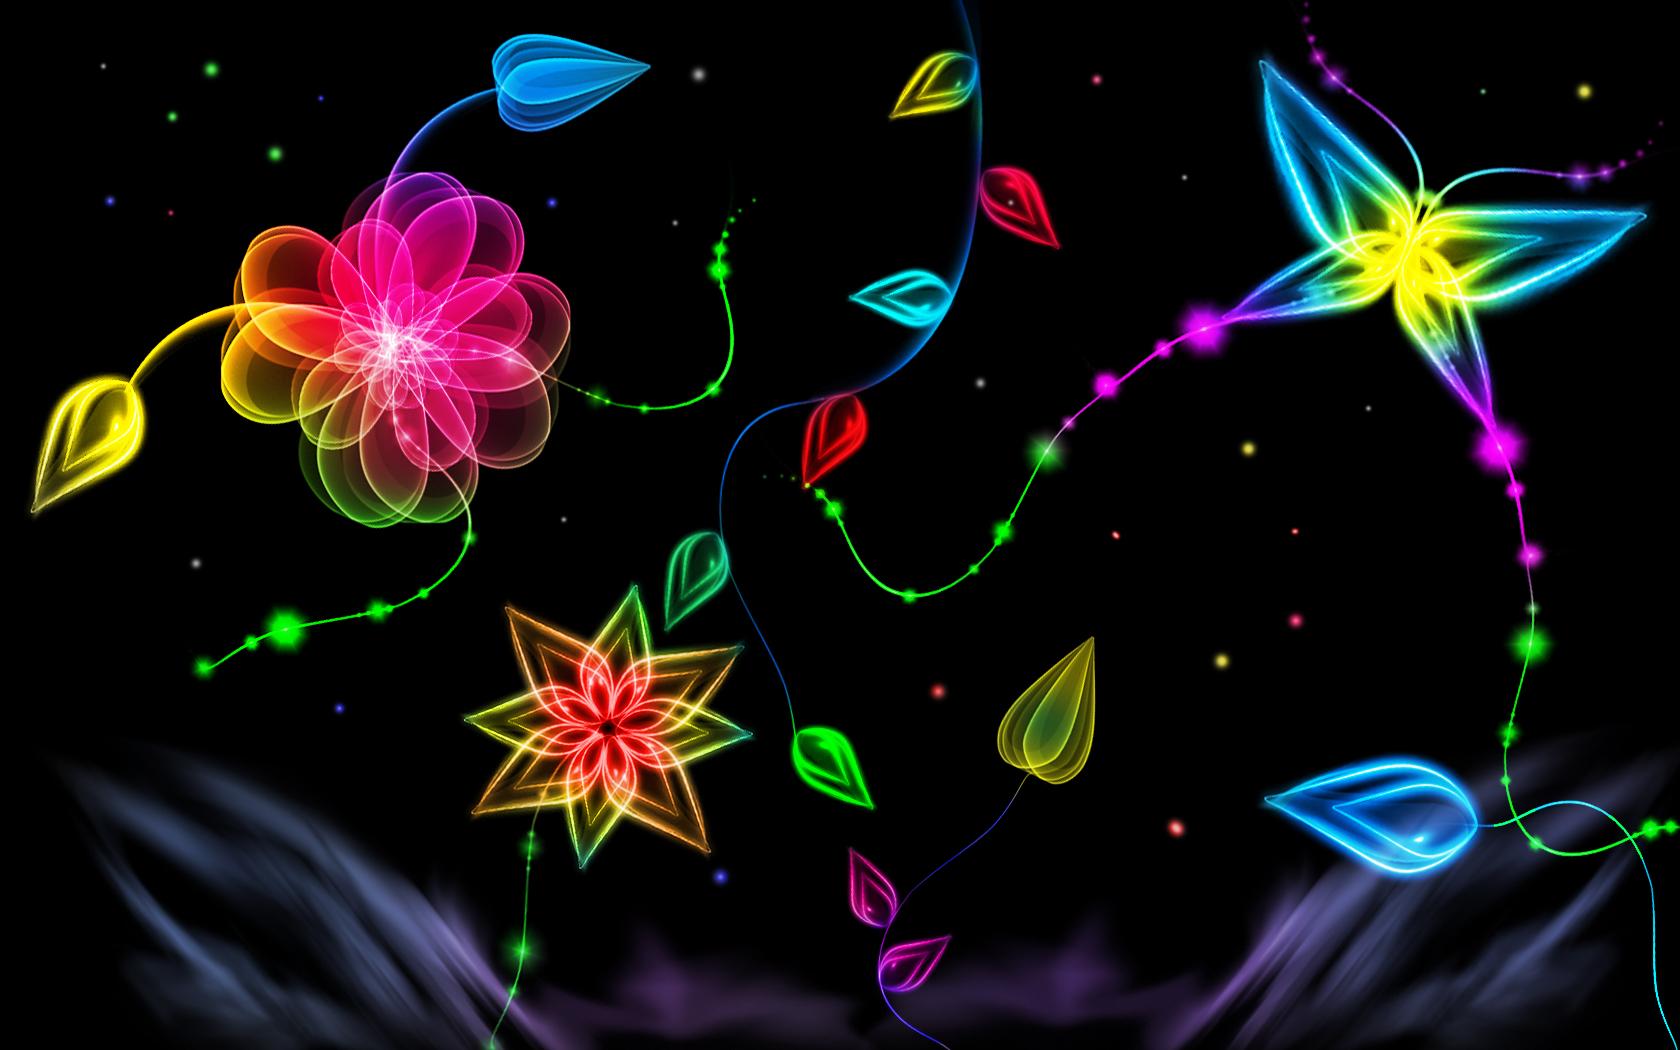 Cool Neon Cars Wallpapers Bird Grass Nature Art Wallpaper 1680x1050 9060